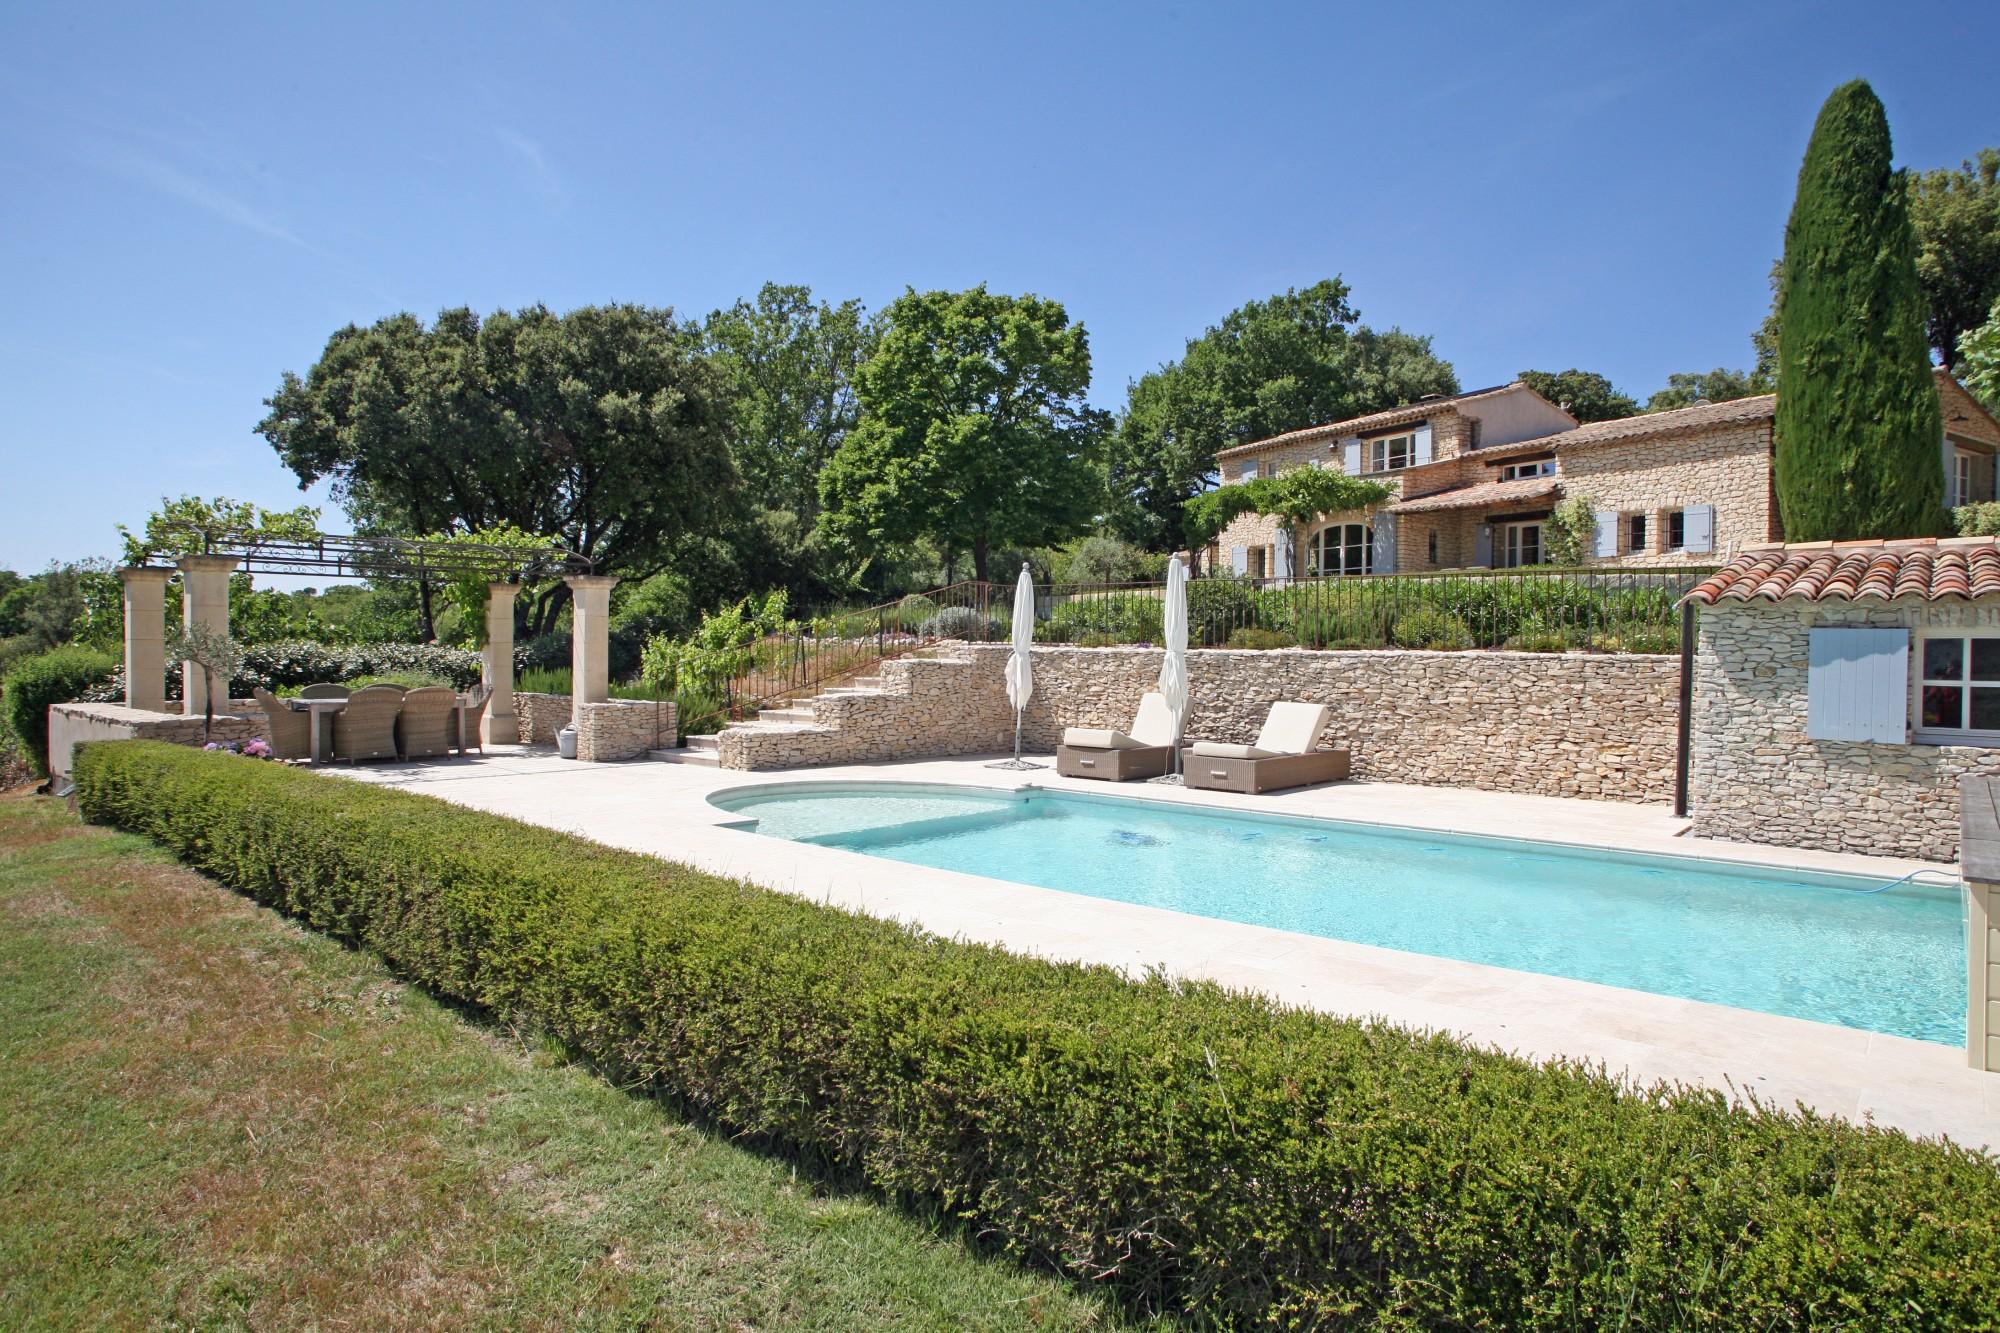 Ventes luberon maison en pierres avec piscine et vue - Location maison avec piscine luberon ...